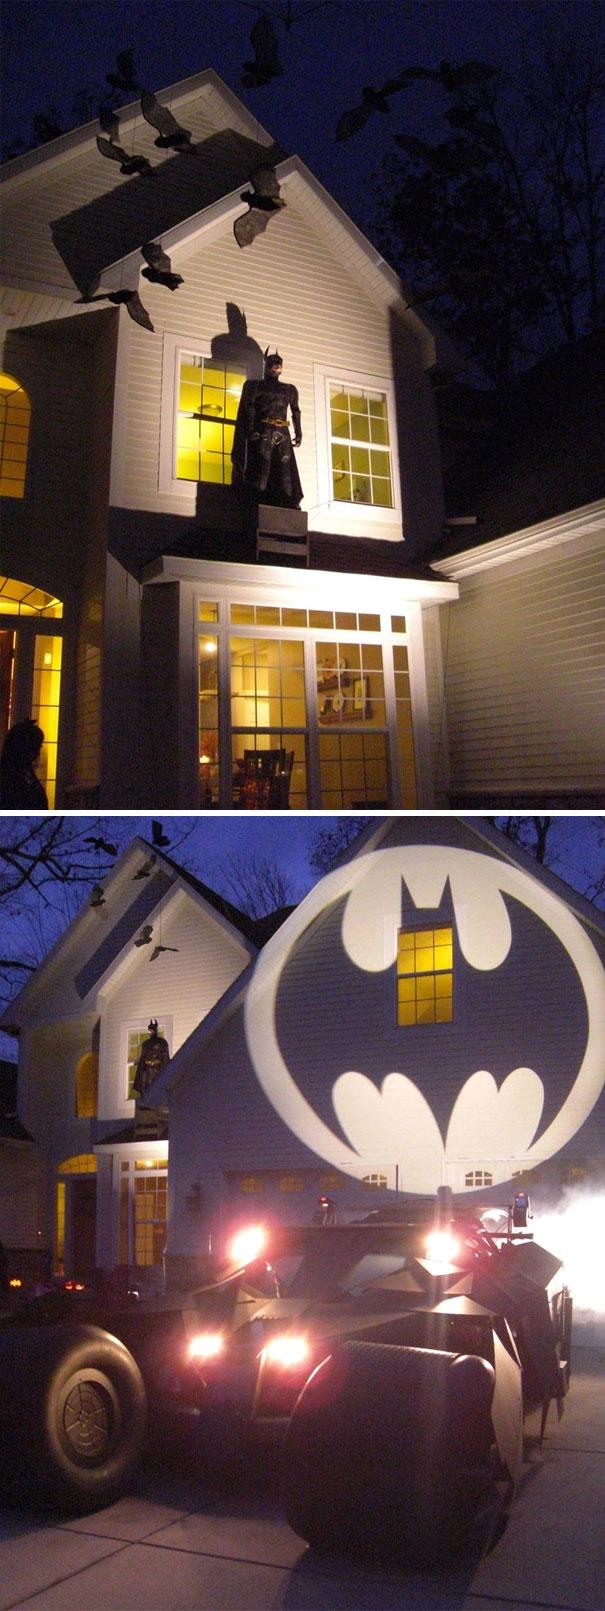 Batman Themed Halloween Display